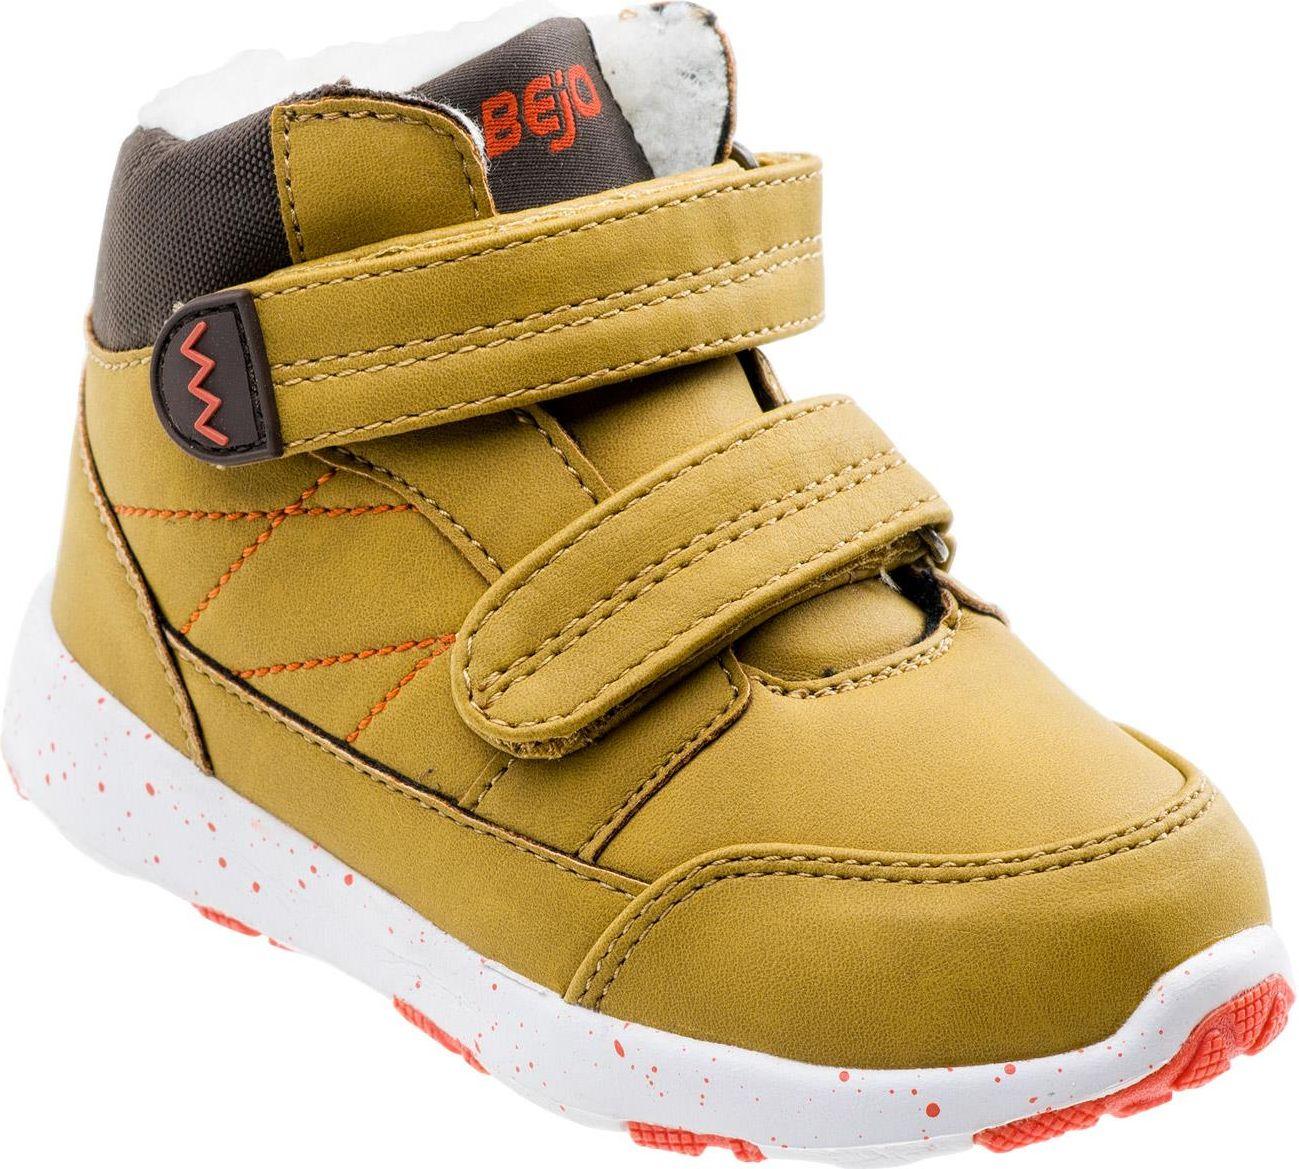 BEJO Buty dzieciece Lasio Kids Camel / Orange r. 24 5902786197194